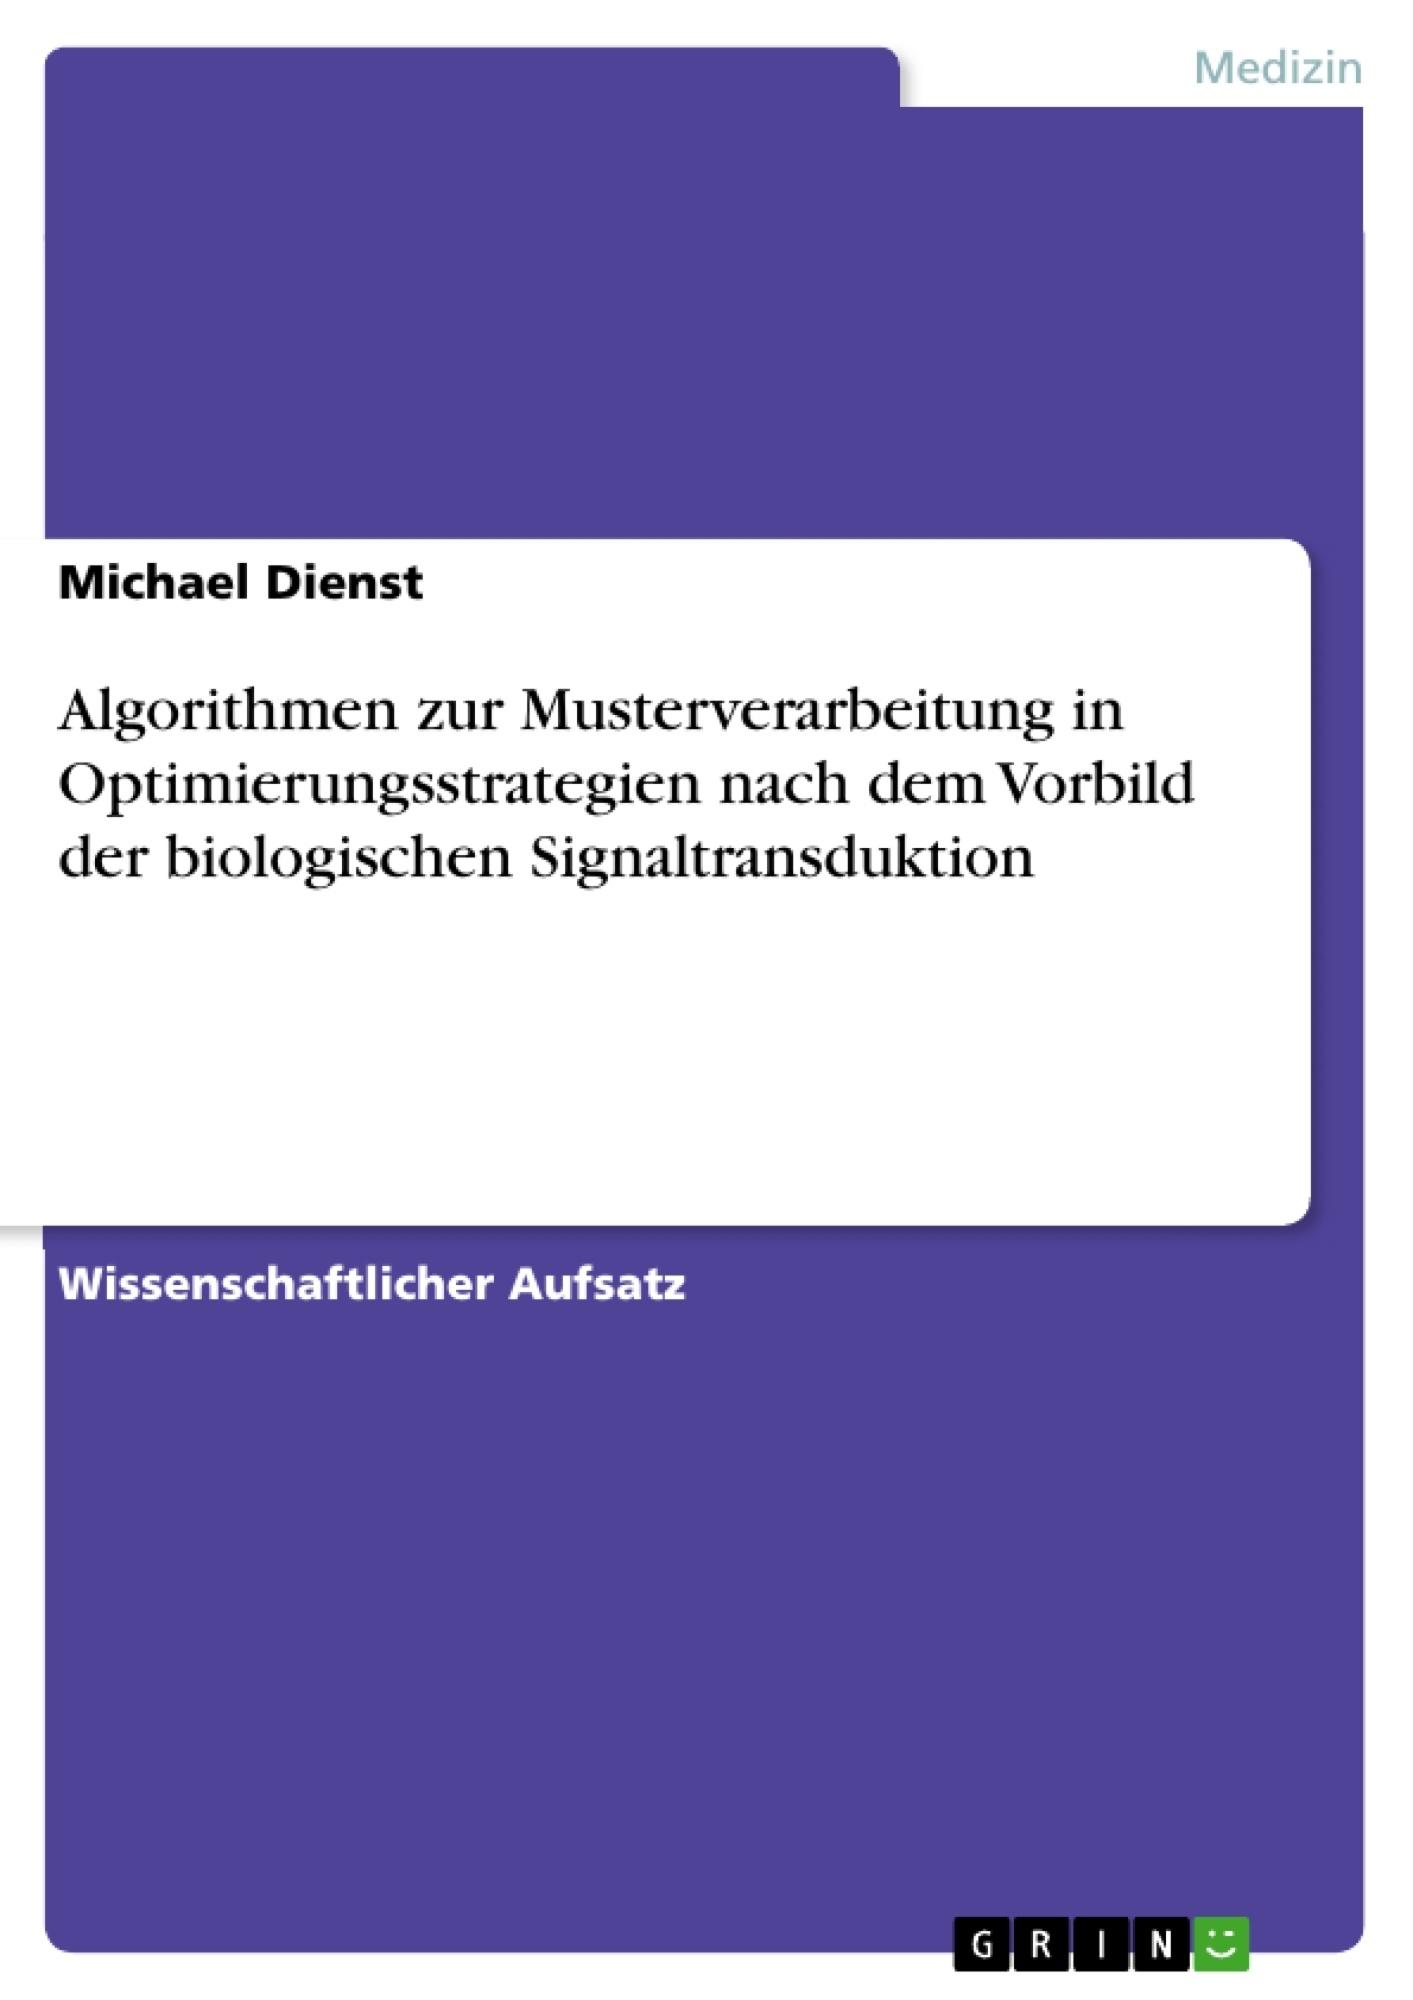 Titel: Algorithmen zur Musterverarbeitung in Optimierungsstrategien nach dem Vorbild der biologischen Signaltransduktion